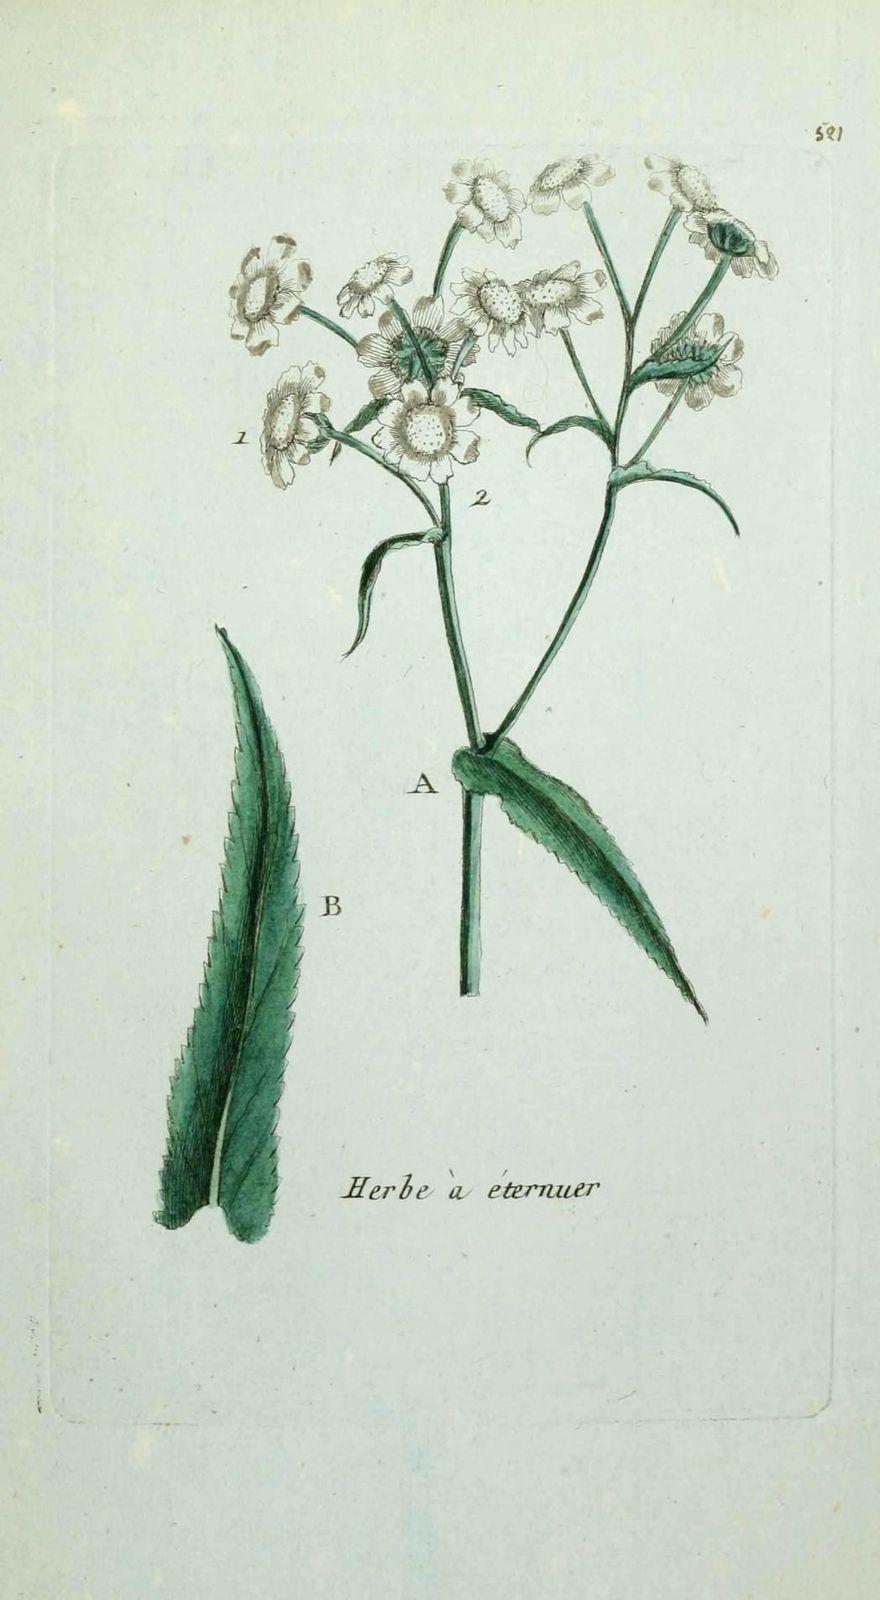 herbe a eternuer - achillea ptarmica ( bouton d argent des